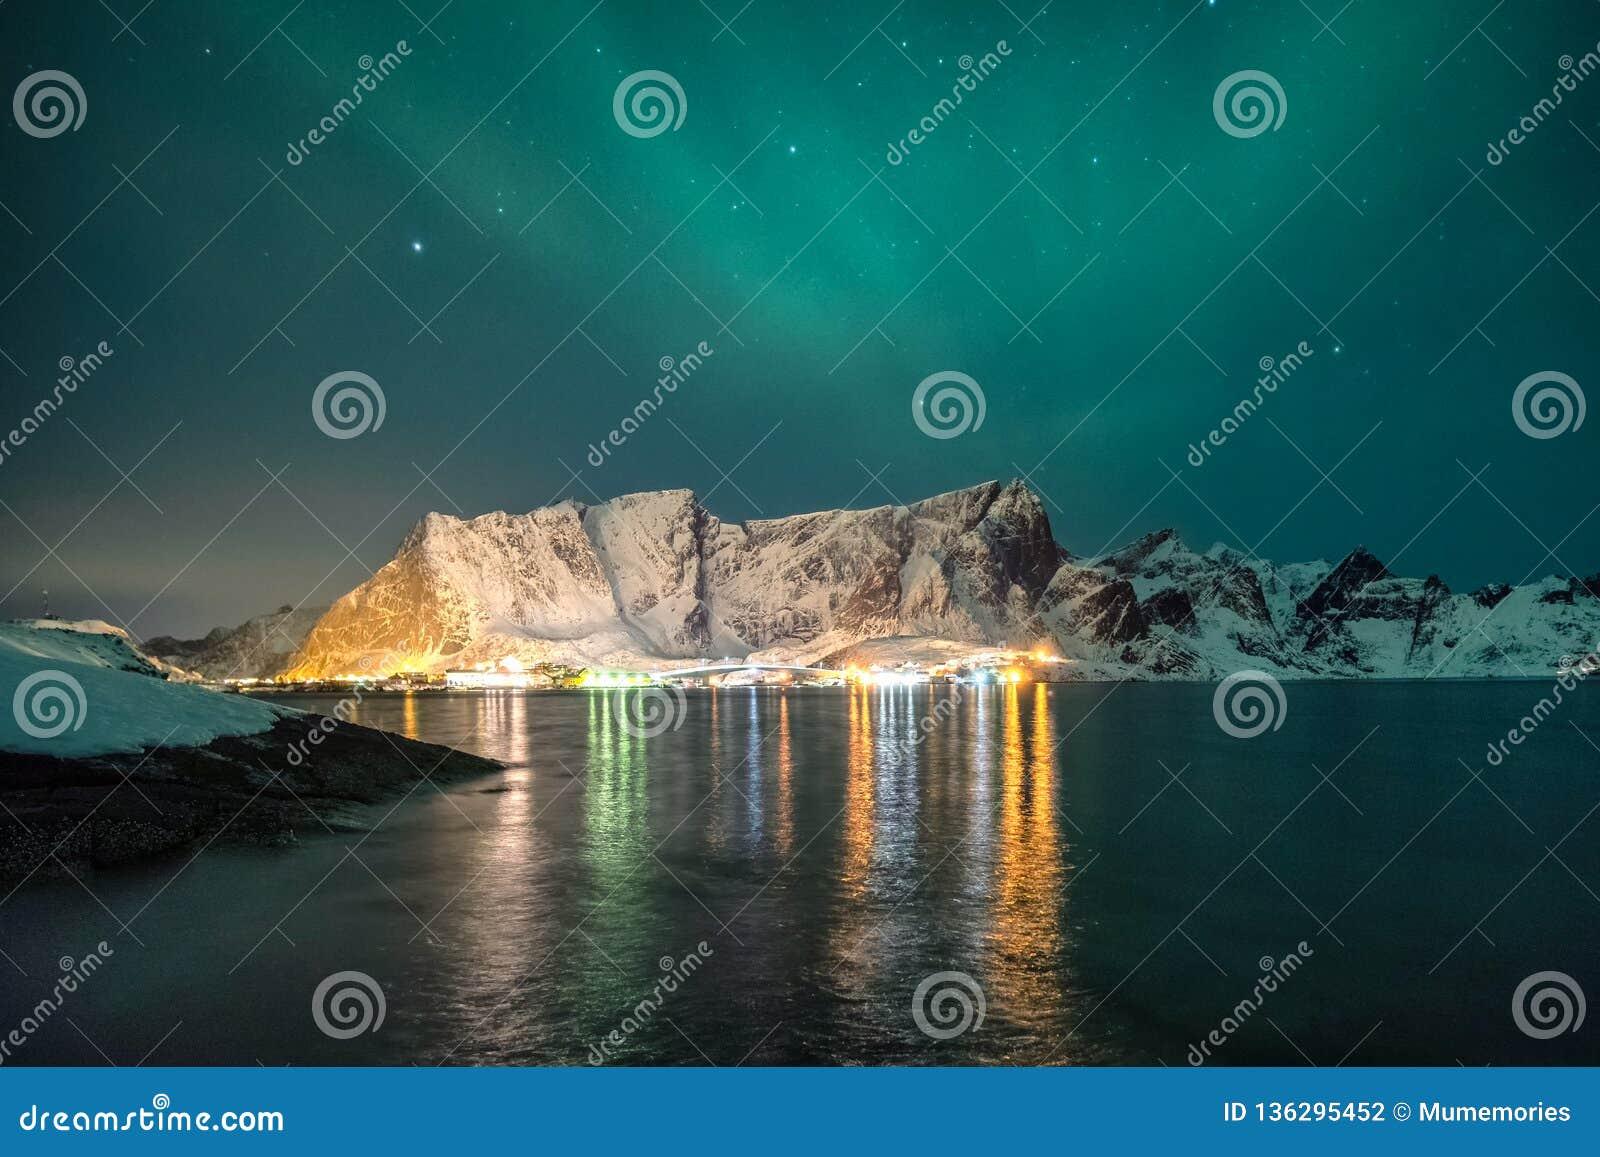 Śnieżny pasmo górskie z aurora borealis i olśniewającym miastem